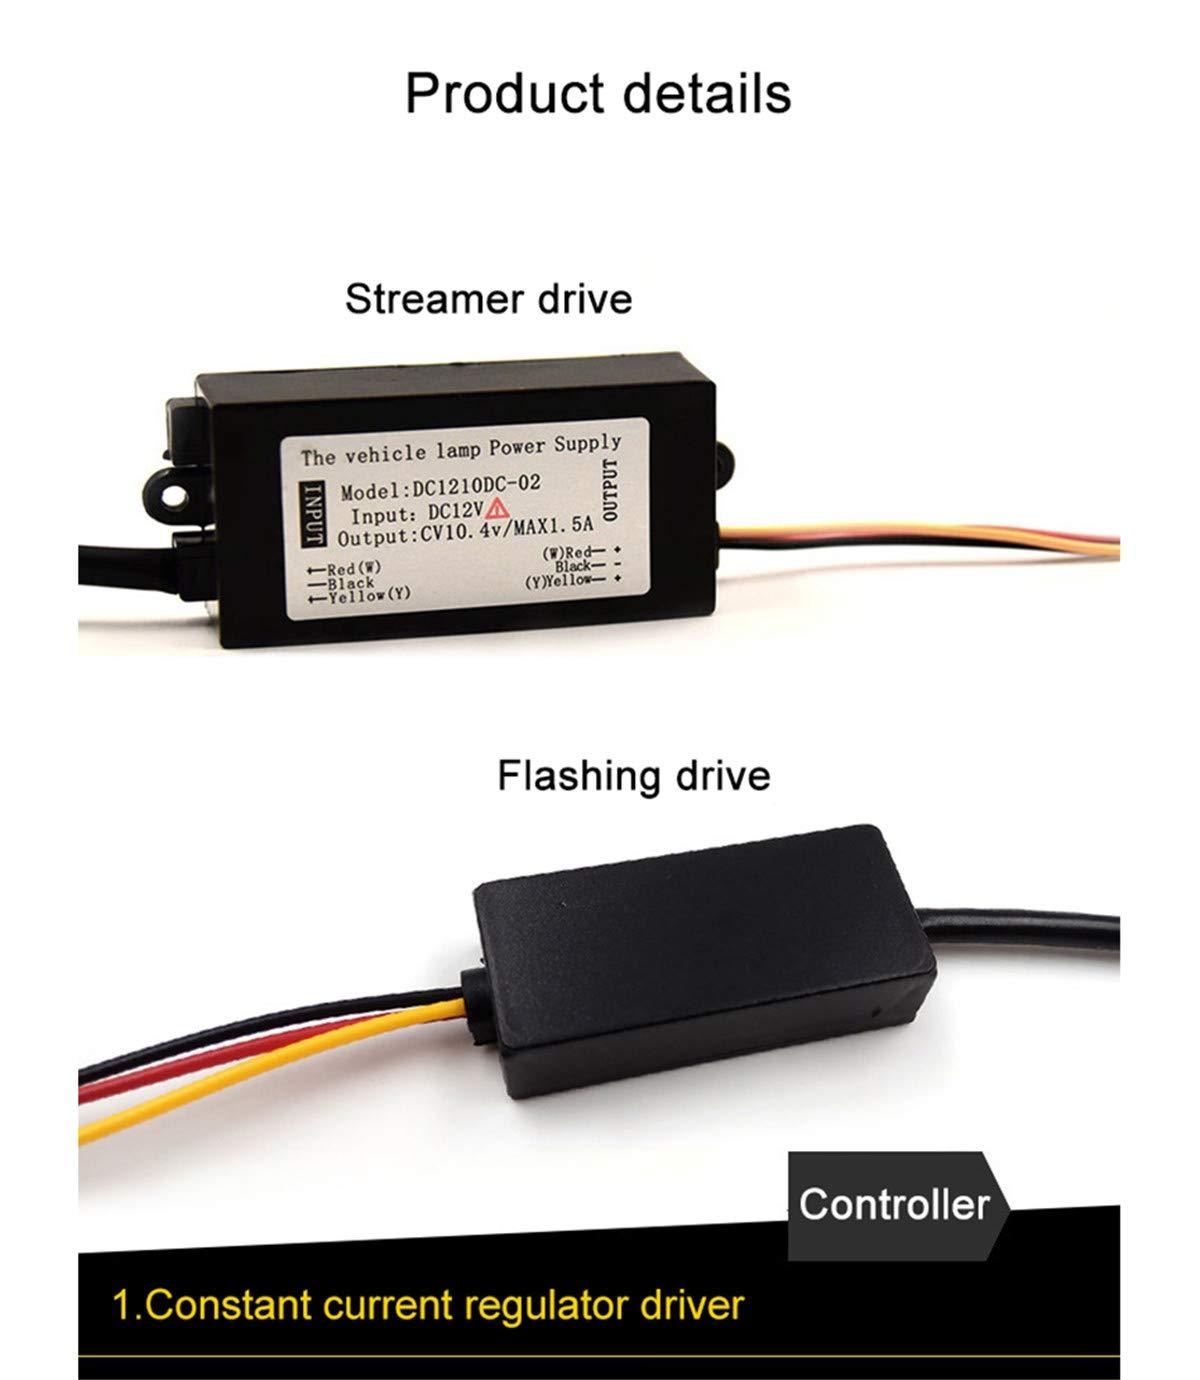 Luz de conducci/ón diurna Luz flexible de alta potencia Chip delgado DRL L/ágrimas de cristal Luces diurnas para veh/ículo Universal